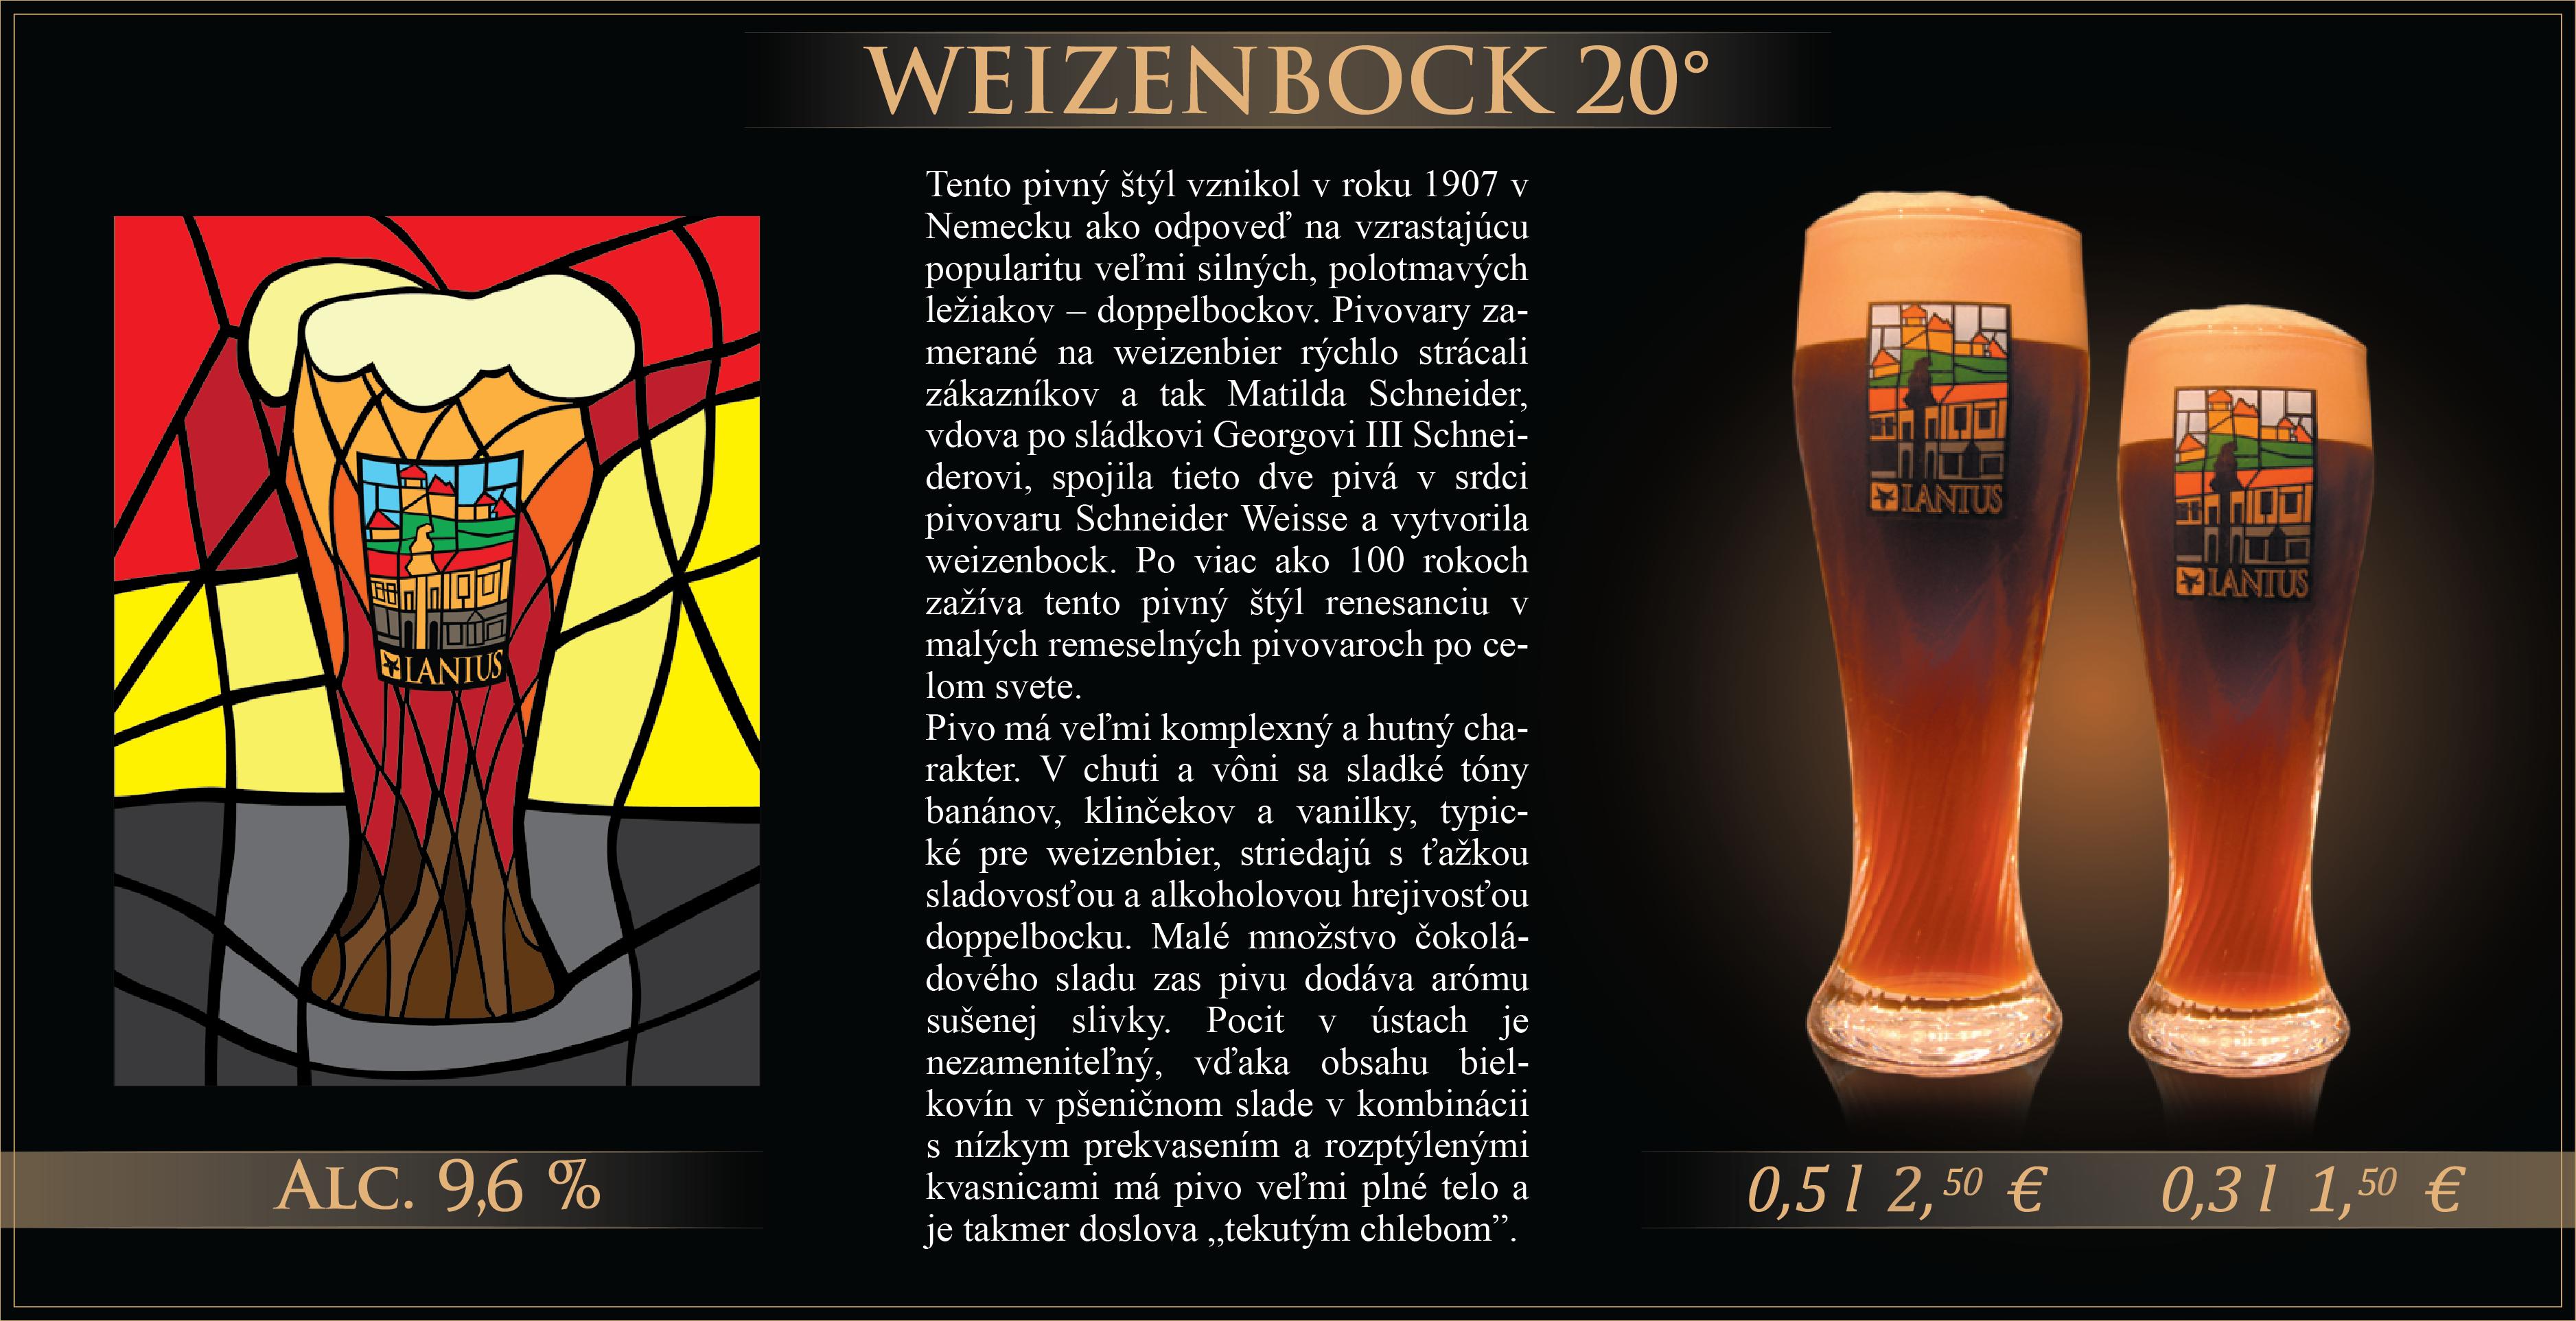 WEIZENBOCKk-02-01